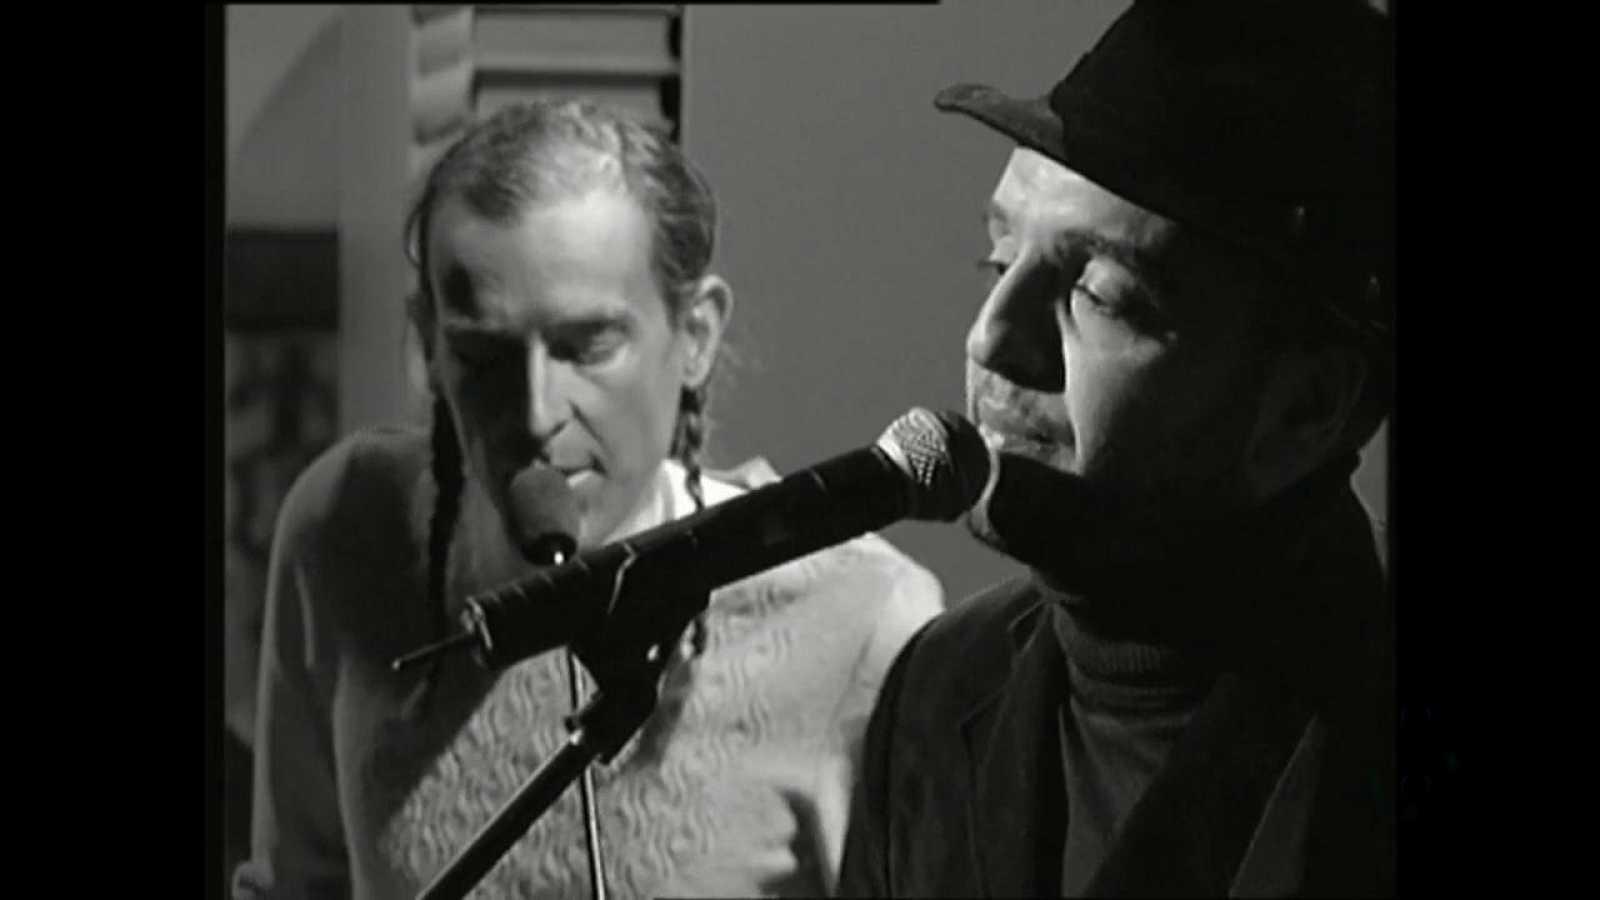 50 años de... - Canciones (Cesc Gay) - ver ahora